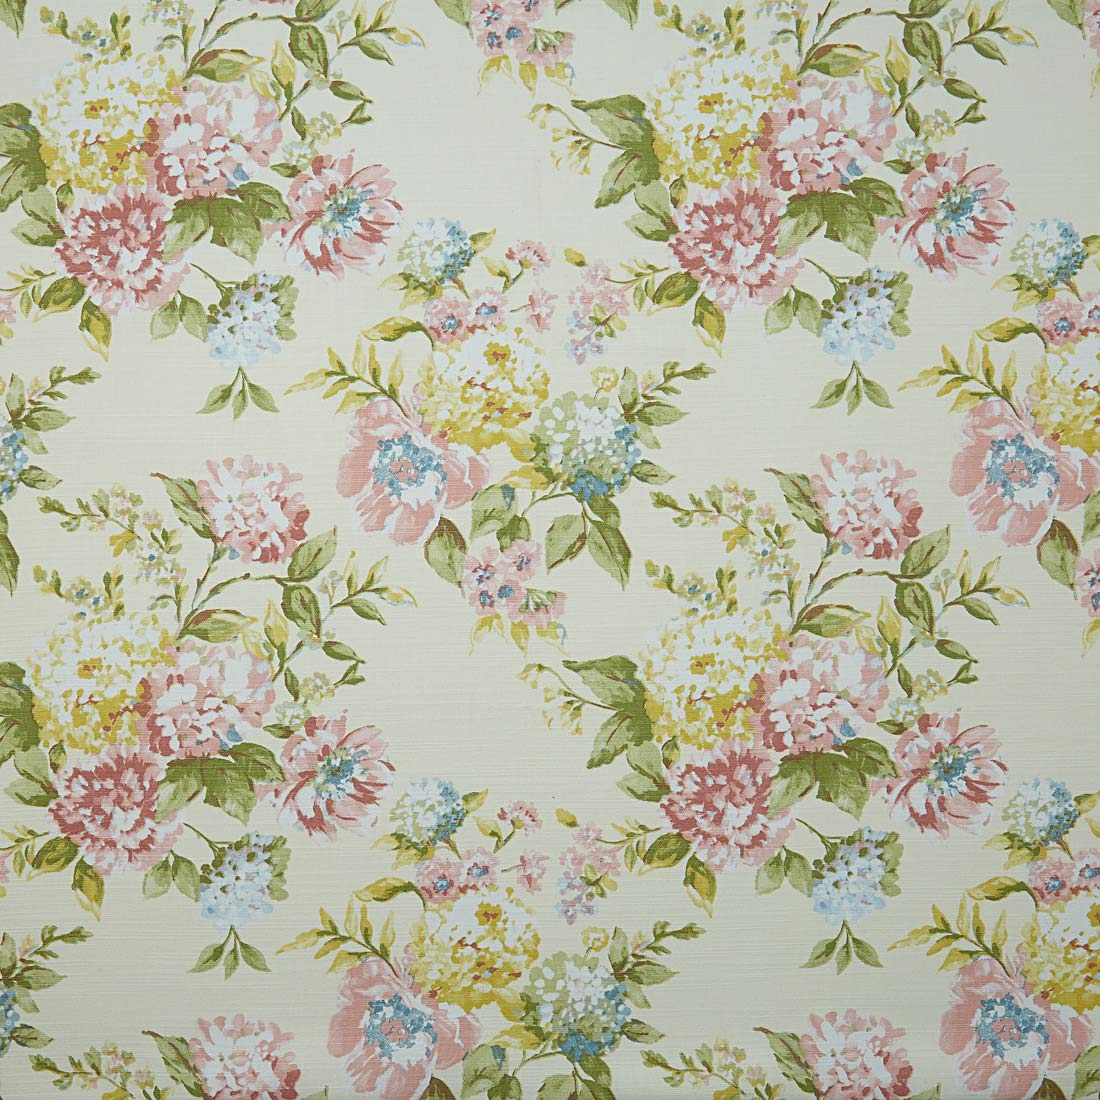 Bowland Blossom